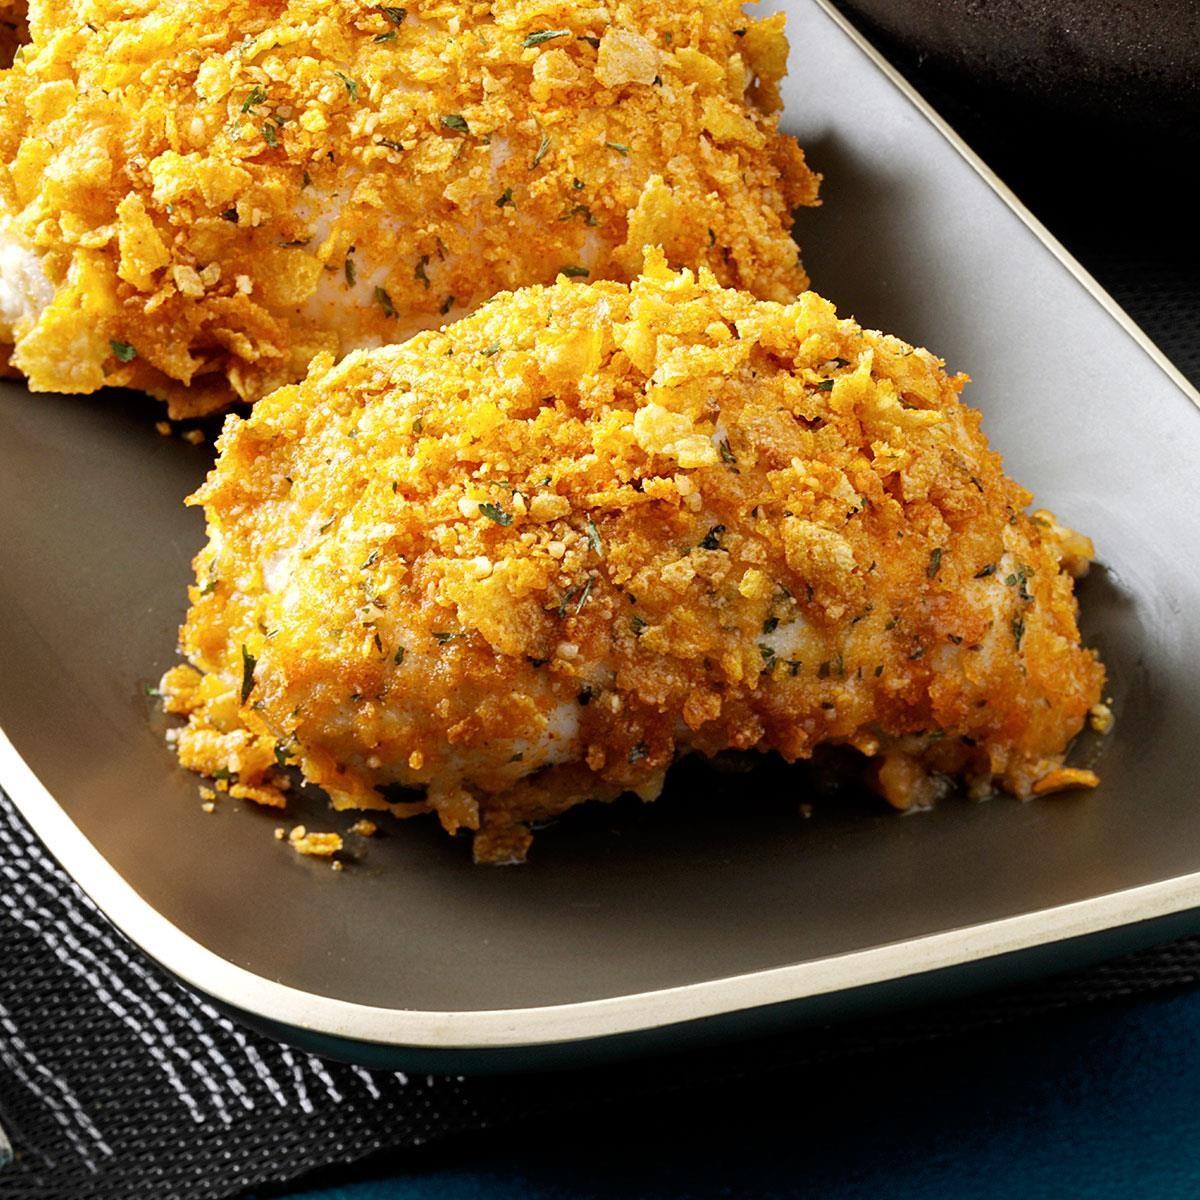 Microwaved Chicken Kiev